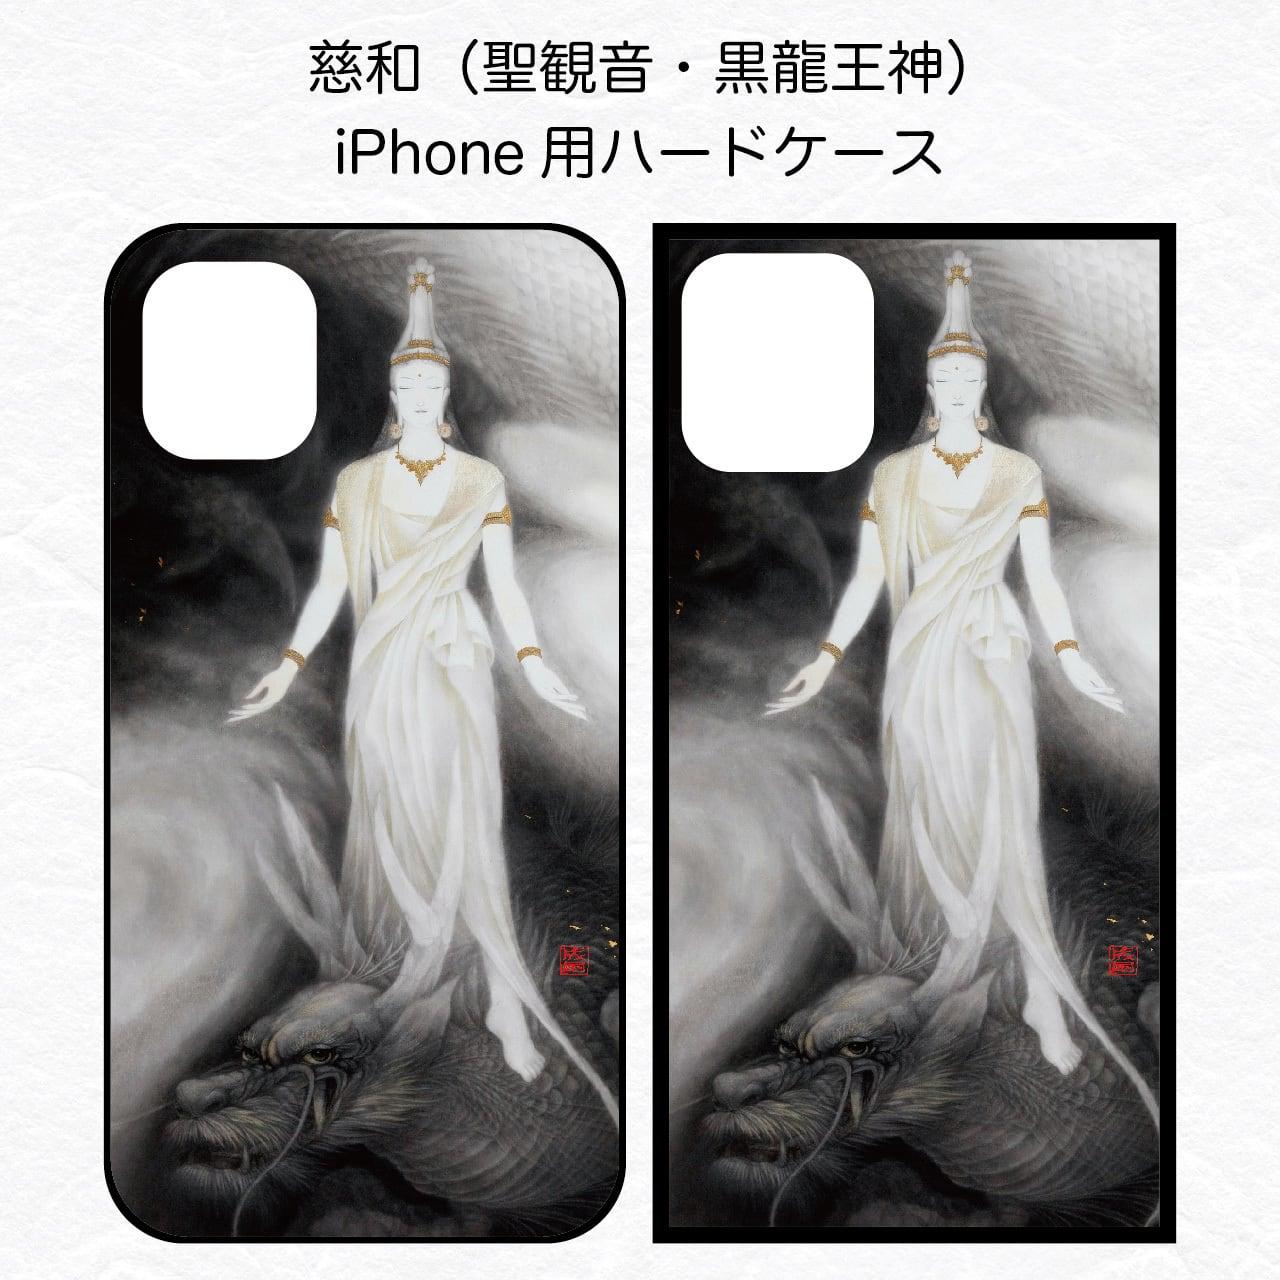 慈和(聖観音・黒龍王神)【iPhone用 ハードケース(強化ガラス製)】